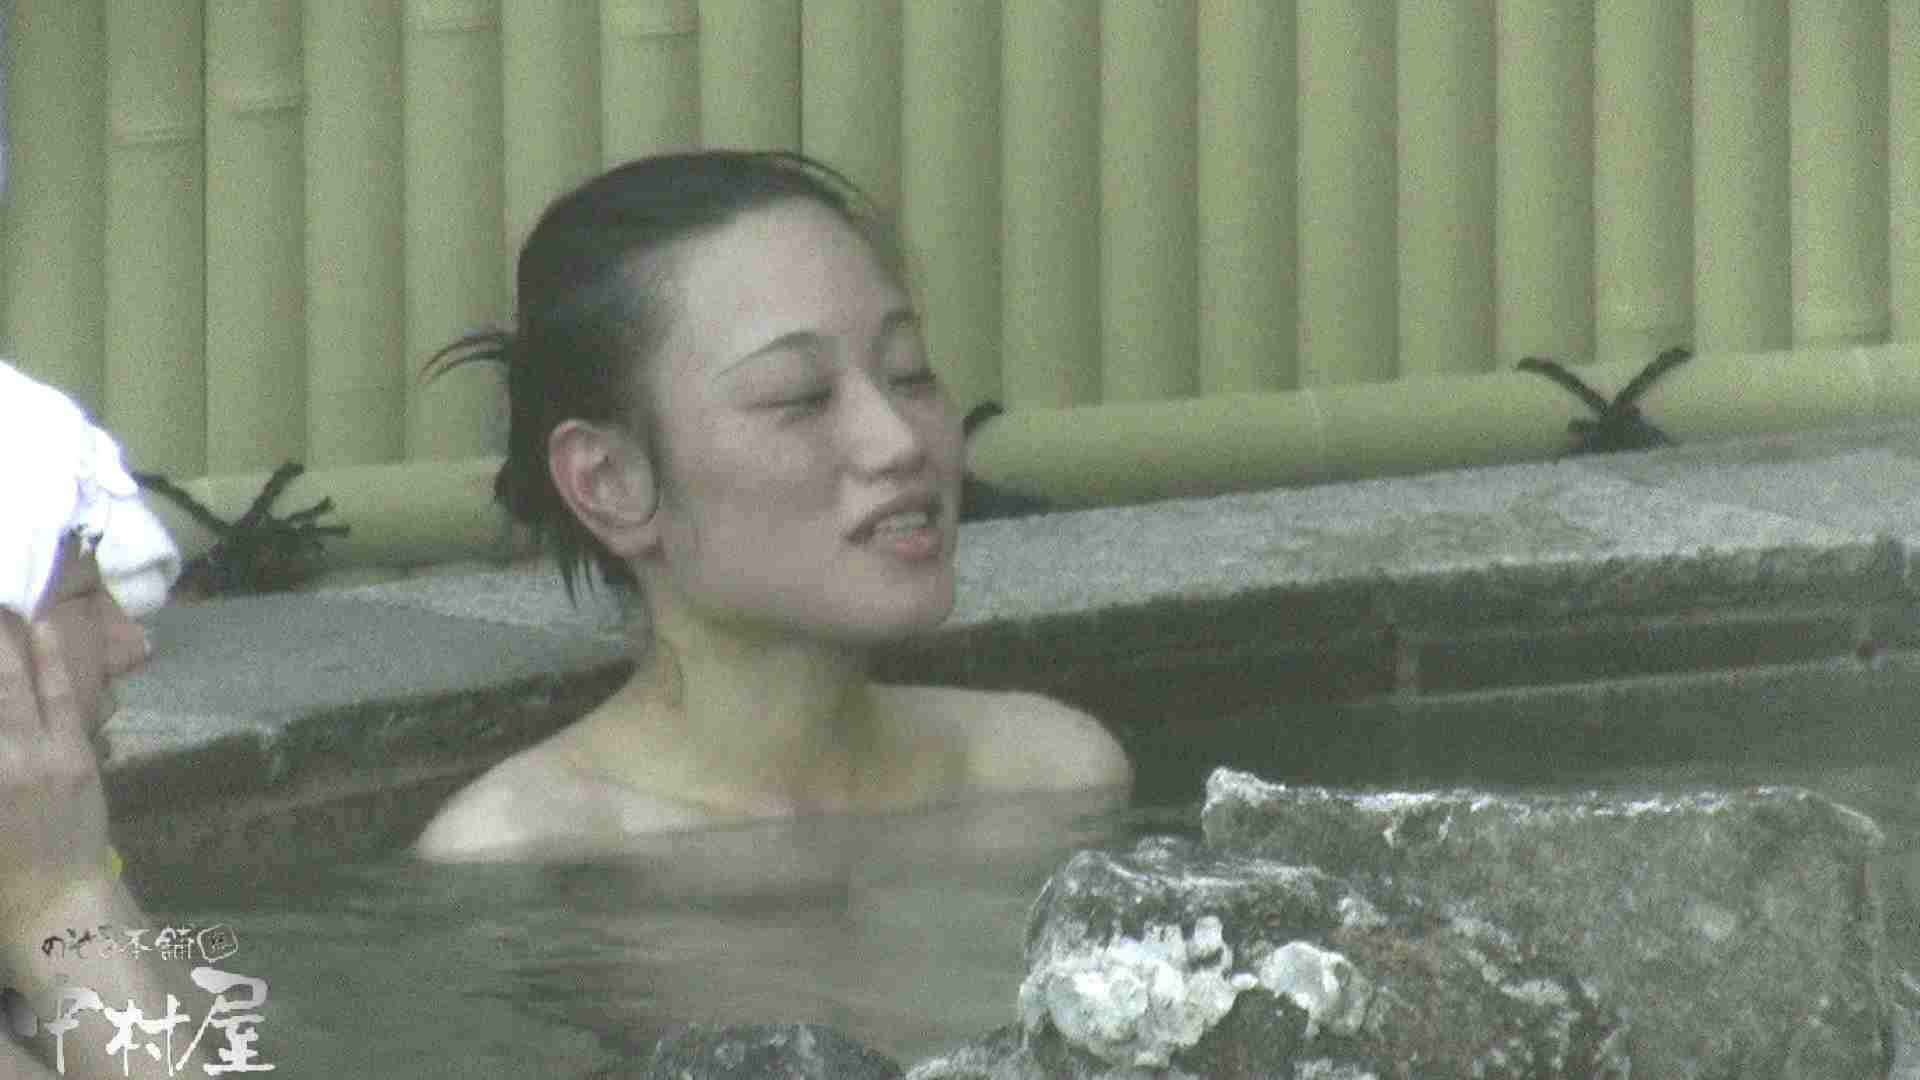 Aquaな露天風呂Vol.914 露天 | 盗撮  98pic 73